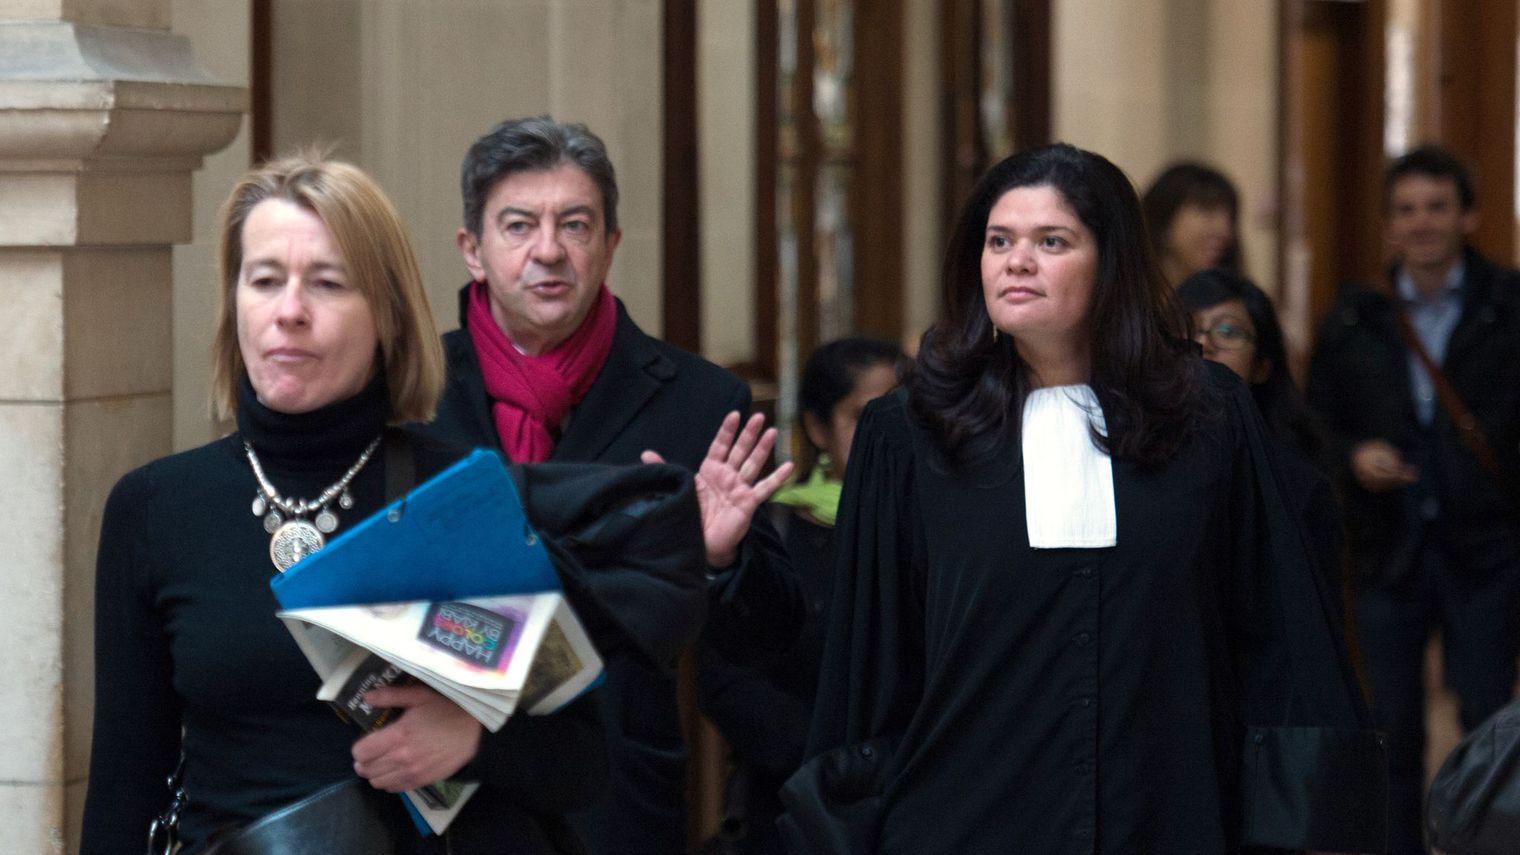 raquel-garrido-d-en-robe-d-avocate-representant-jean-luc-melenchon-c-au-tribunal-de-paris-le-6-mars-2014-dans-un-proces-intente-par-marine-le-pen-pour-injure_5961182.jpg